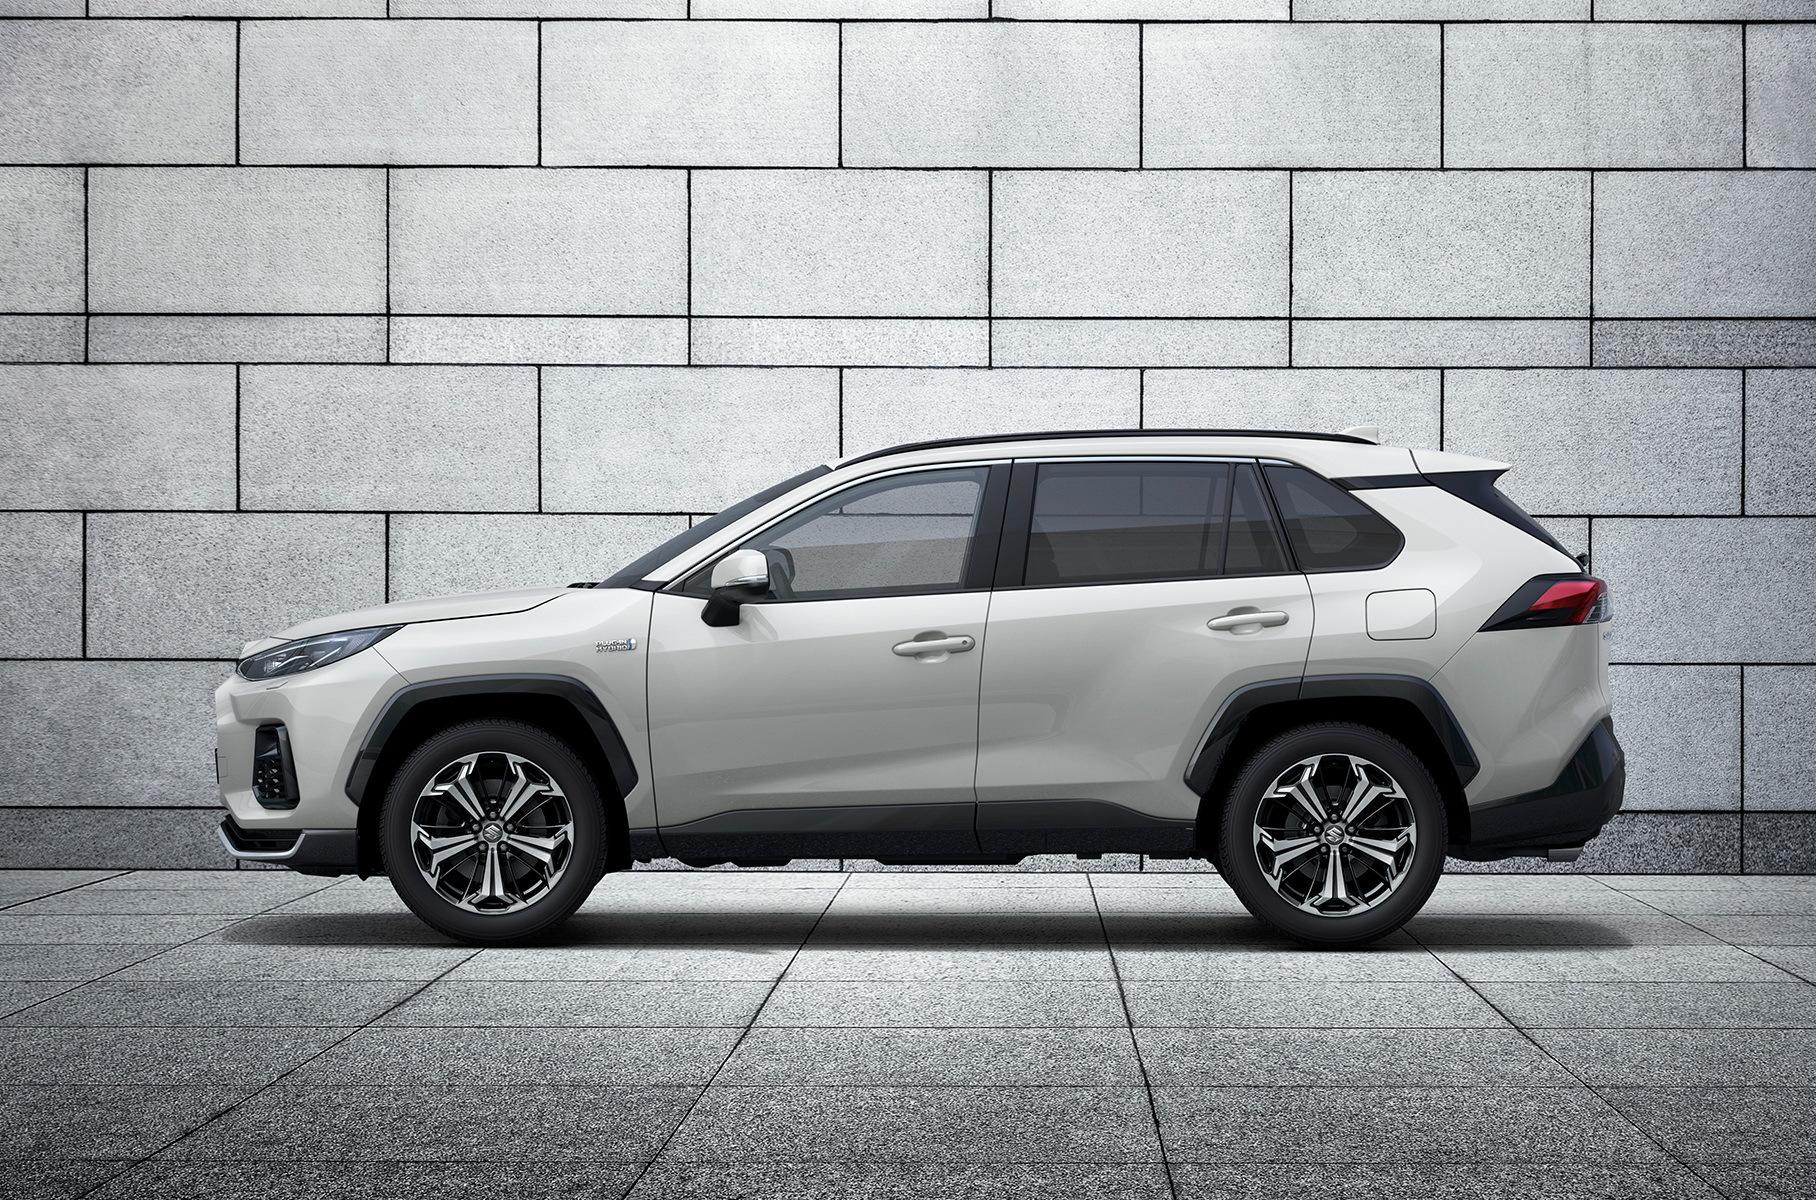 Компания «Судзуки» презентовала компакт-кросс Across, который является «новым прочтением» Toyota RAV4. Модель разработана для рынка Европы.